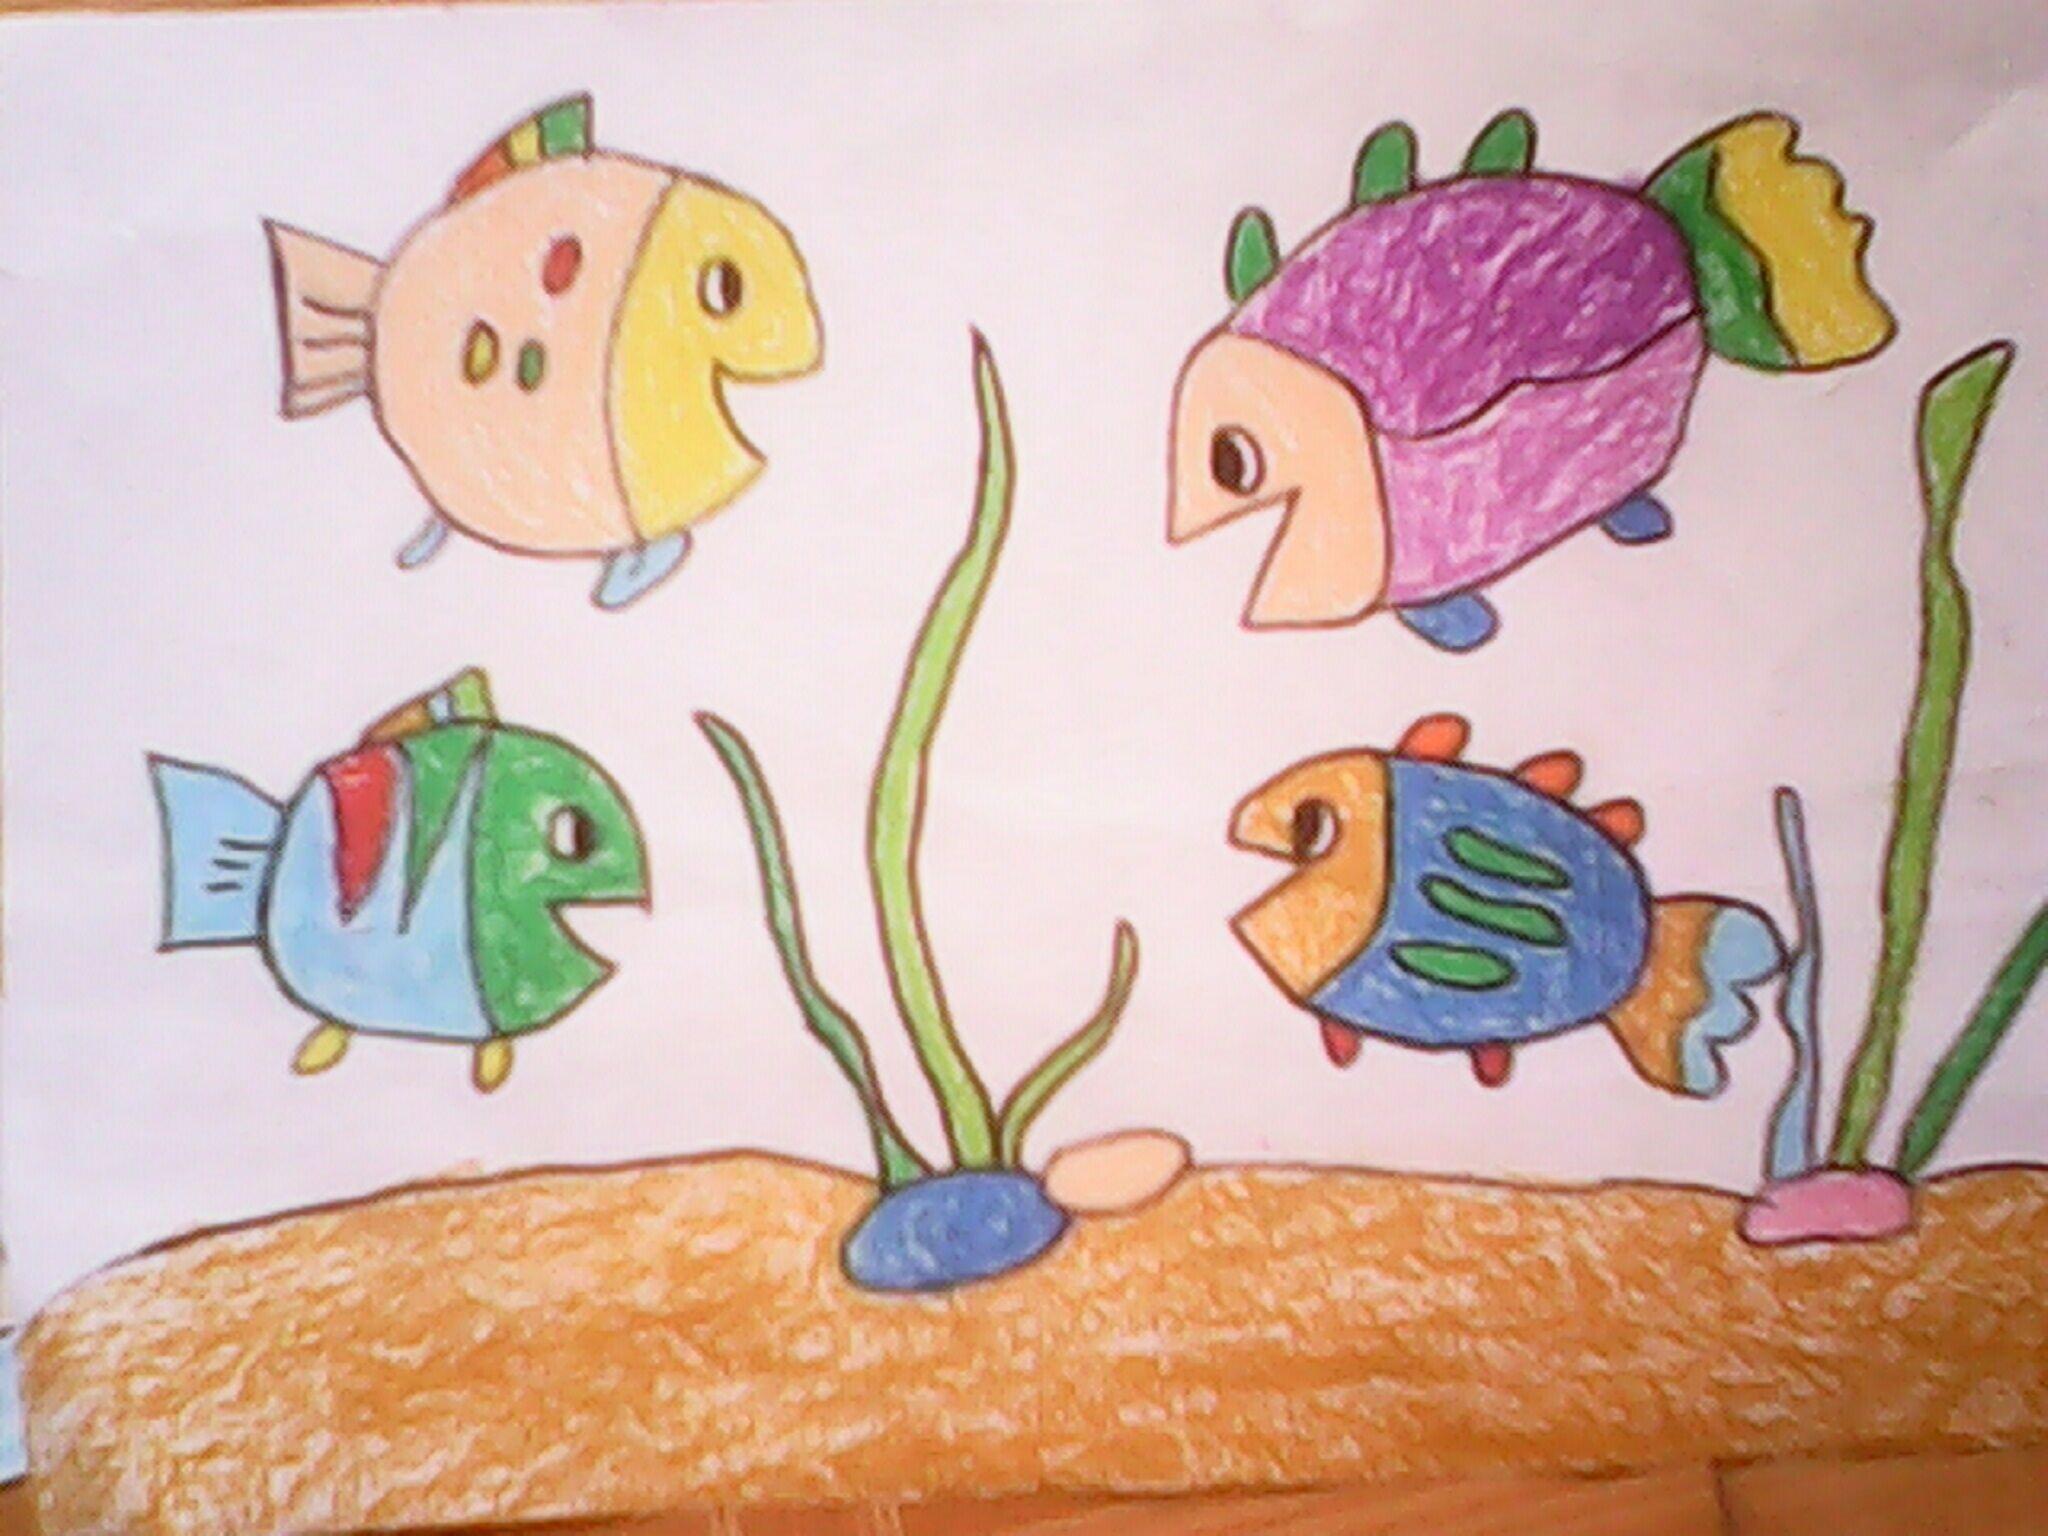 鱼-蜡笔画图集34